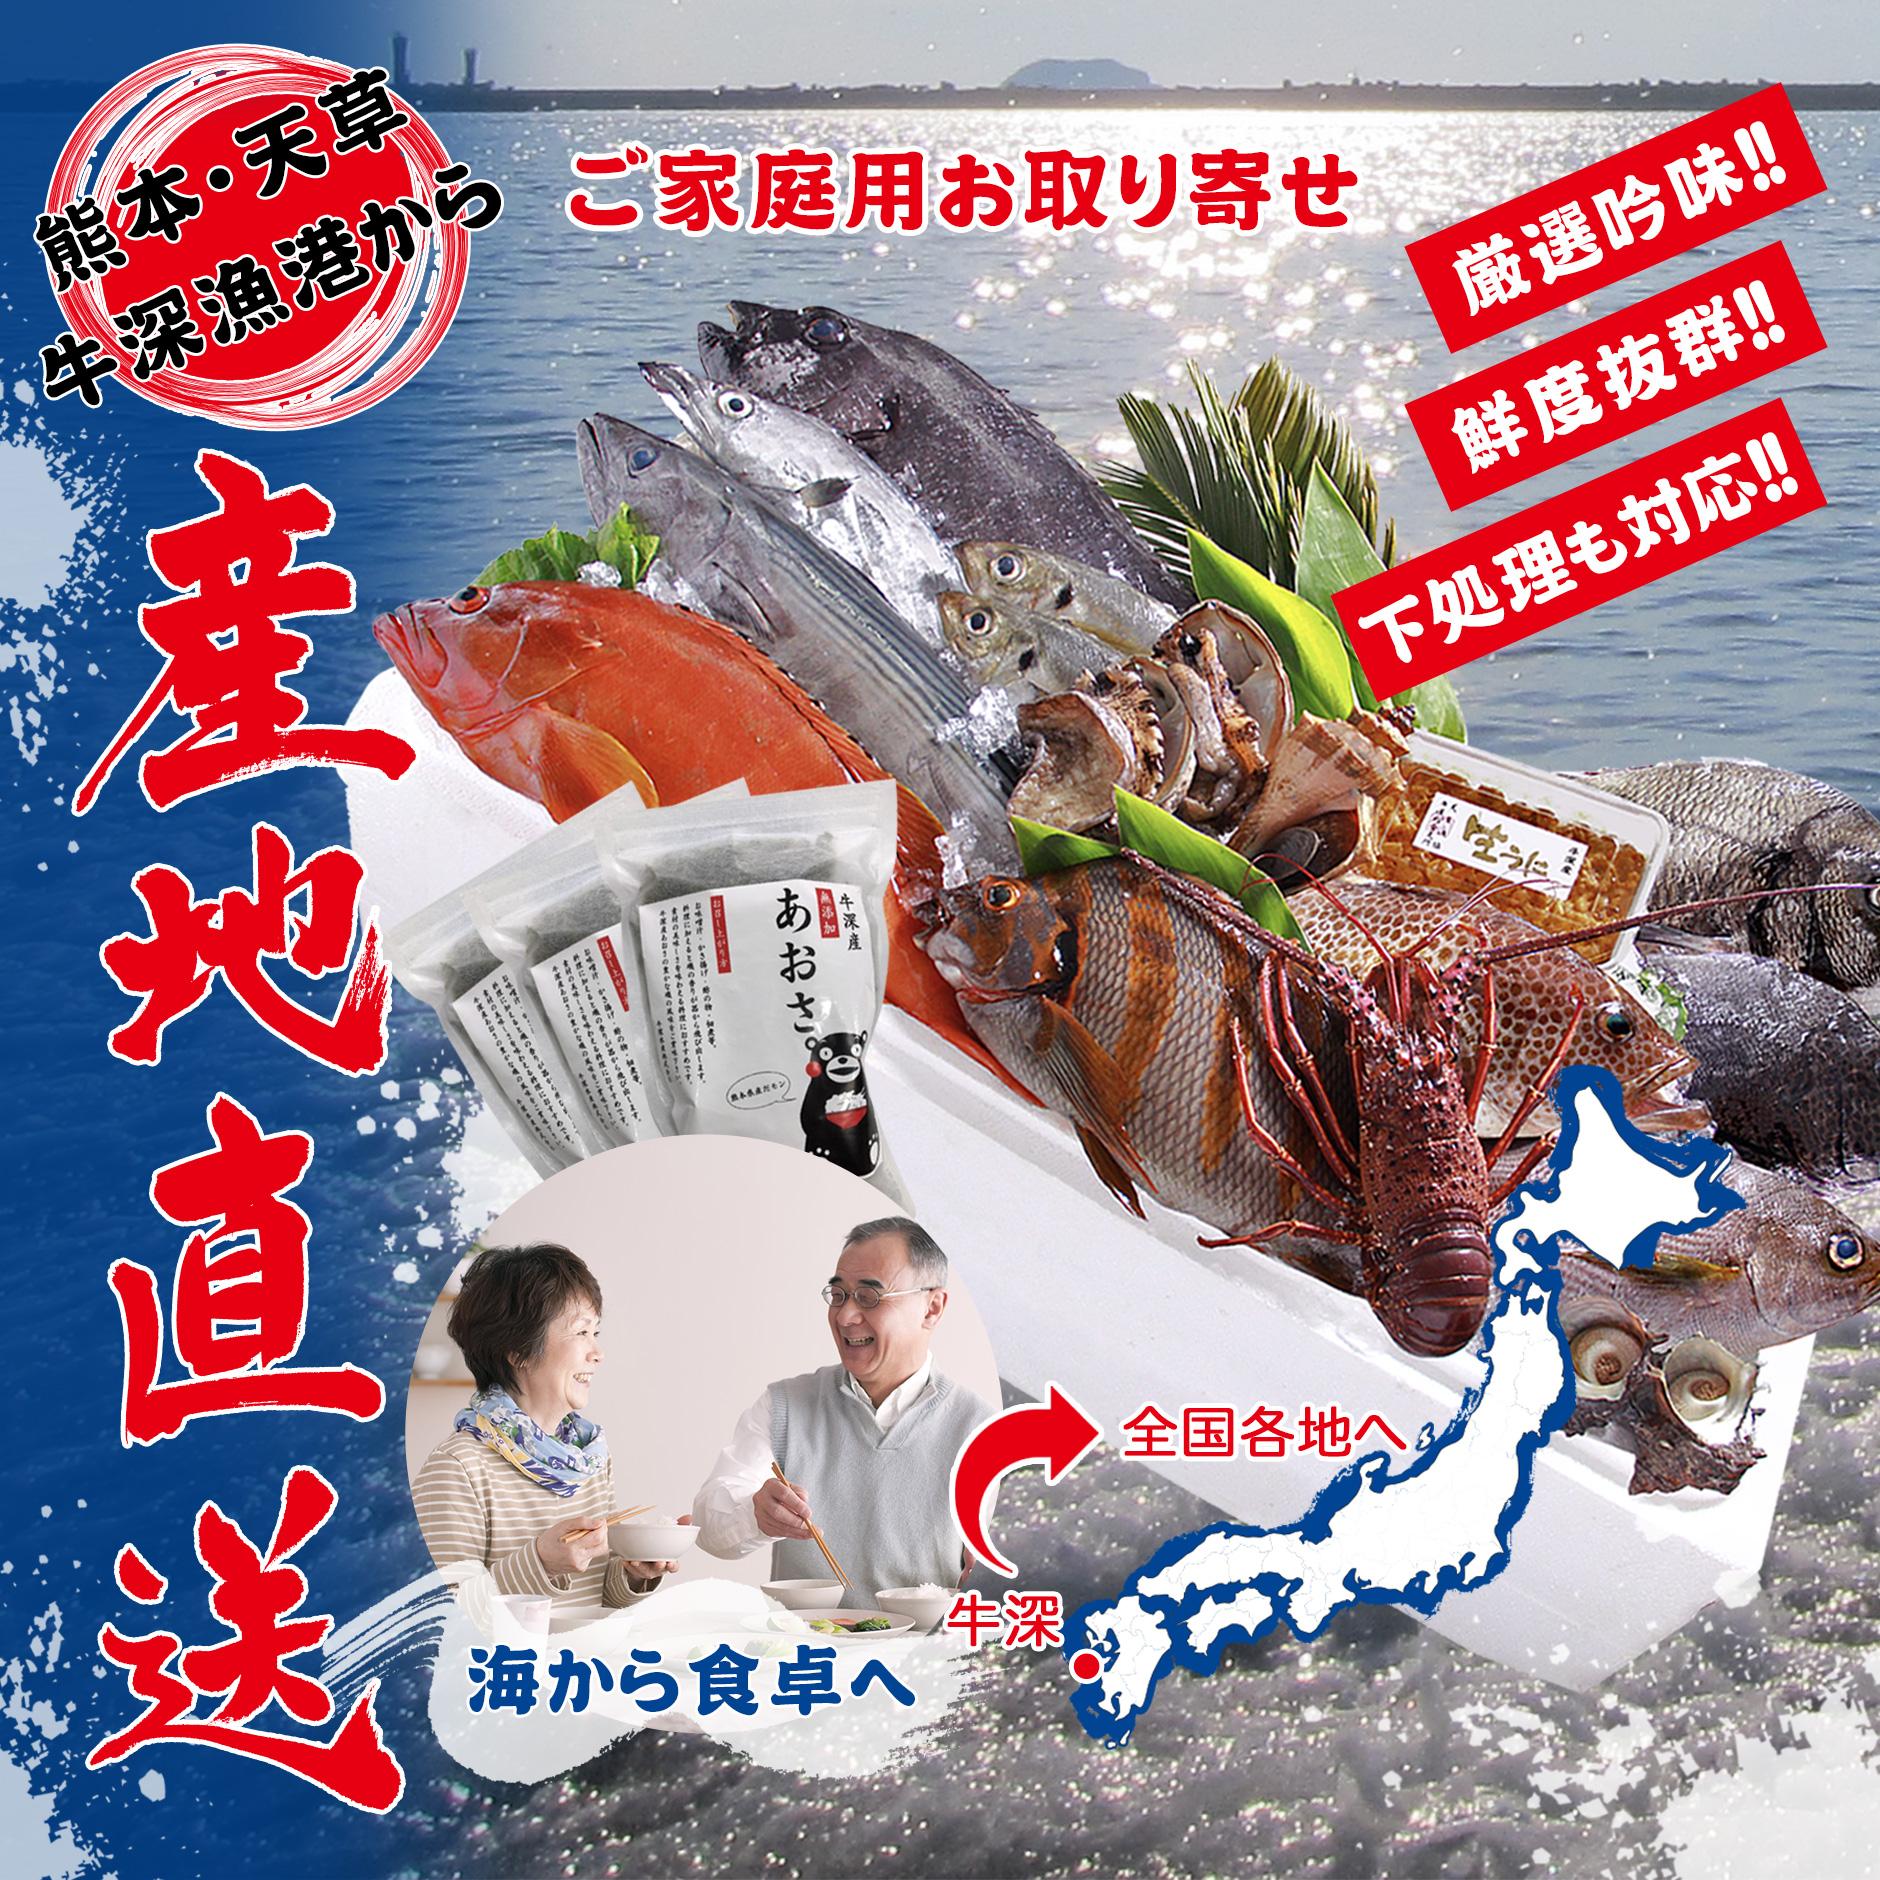 熊本・天草・牛深漁港から産地直送します!ご家庭用お取り寄せ。海から食卓へ